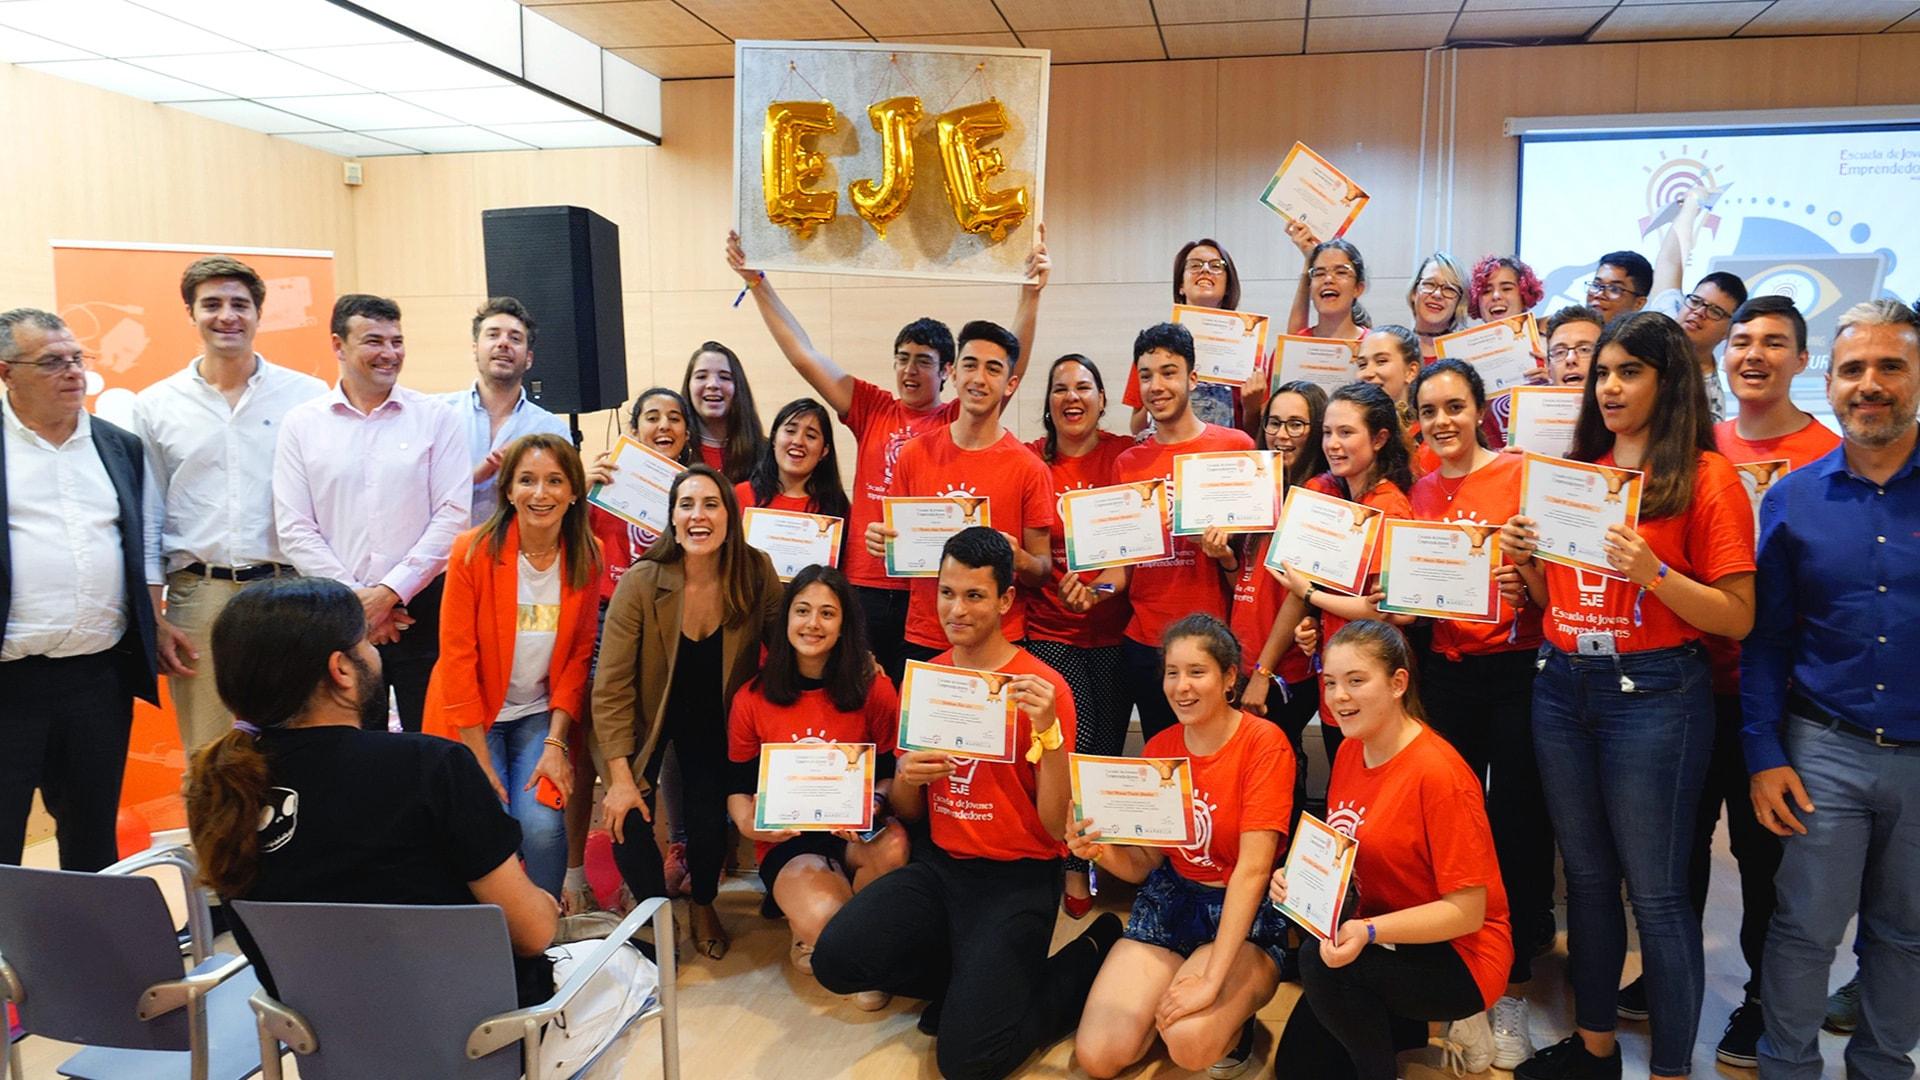 La Escuela de Jóvenes Emprendedores concluye su primera edición